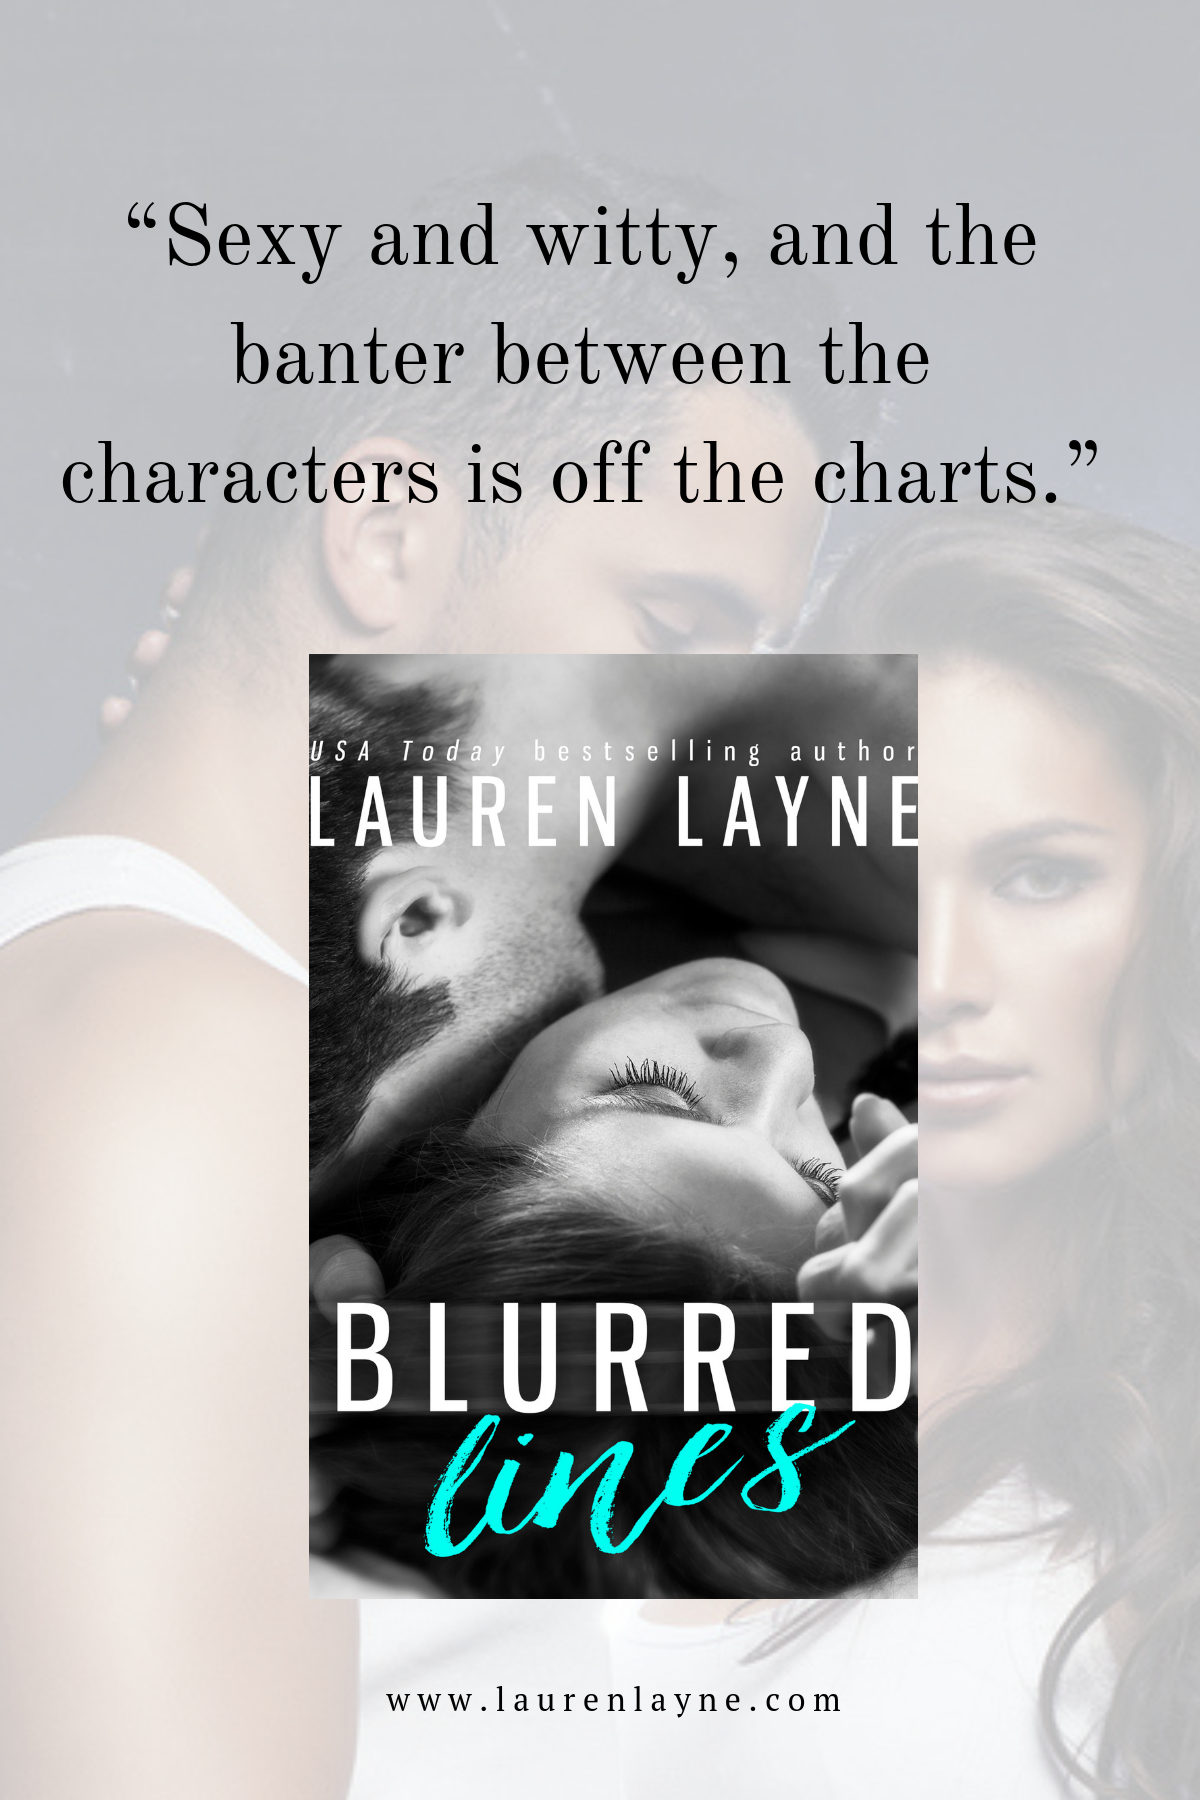 Blurred Lines by Lauren Layne